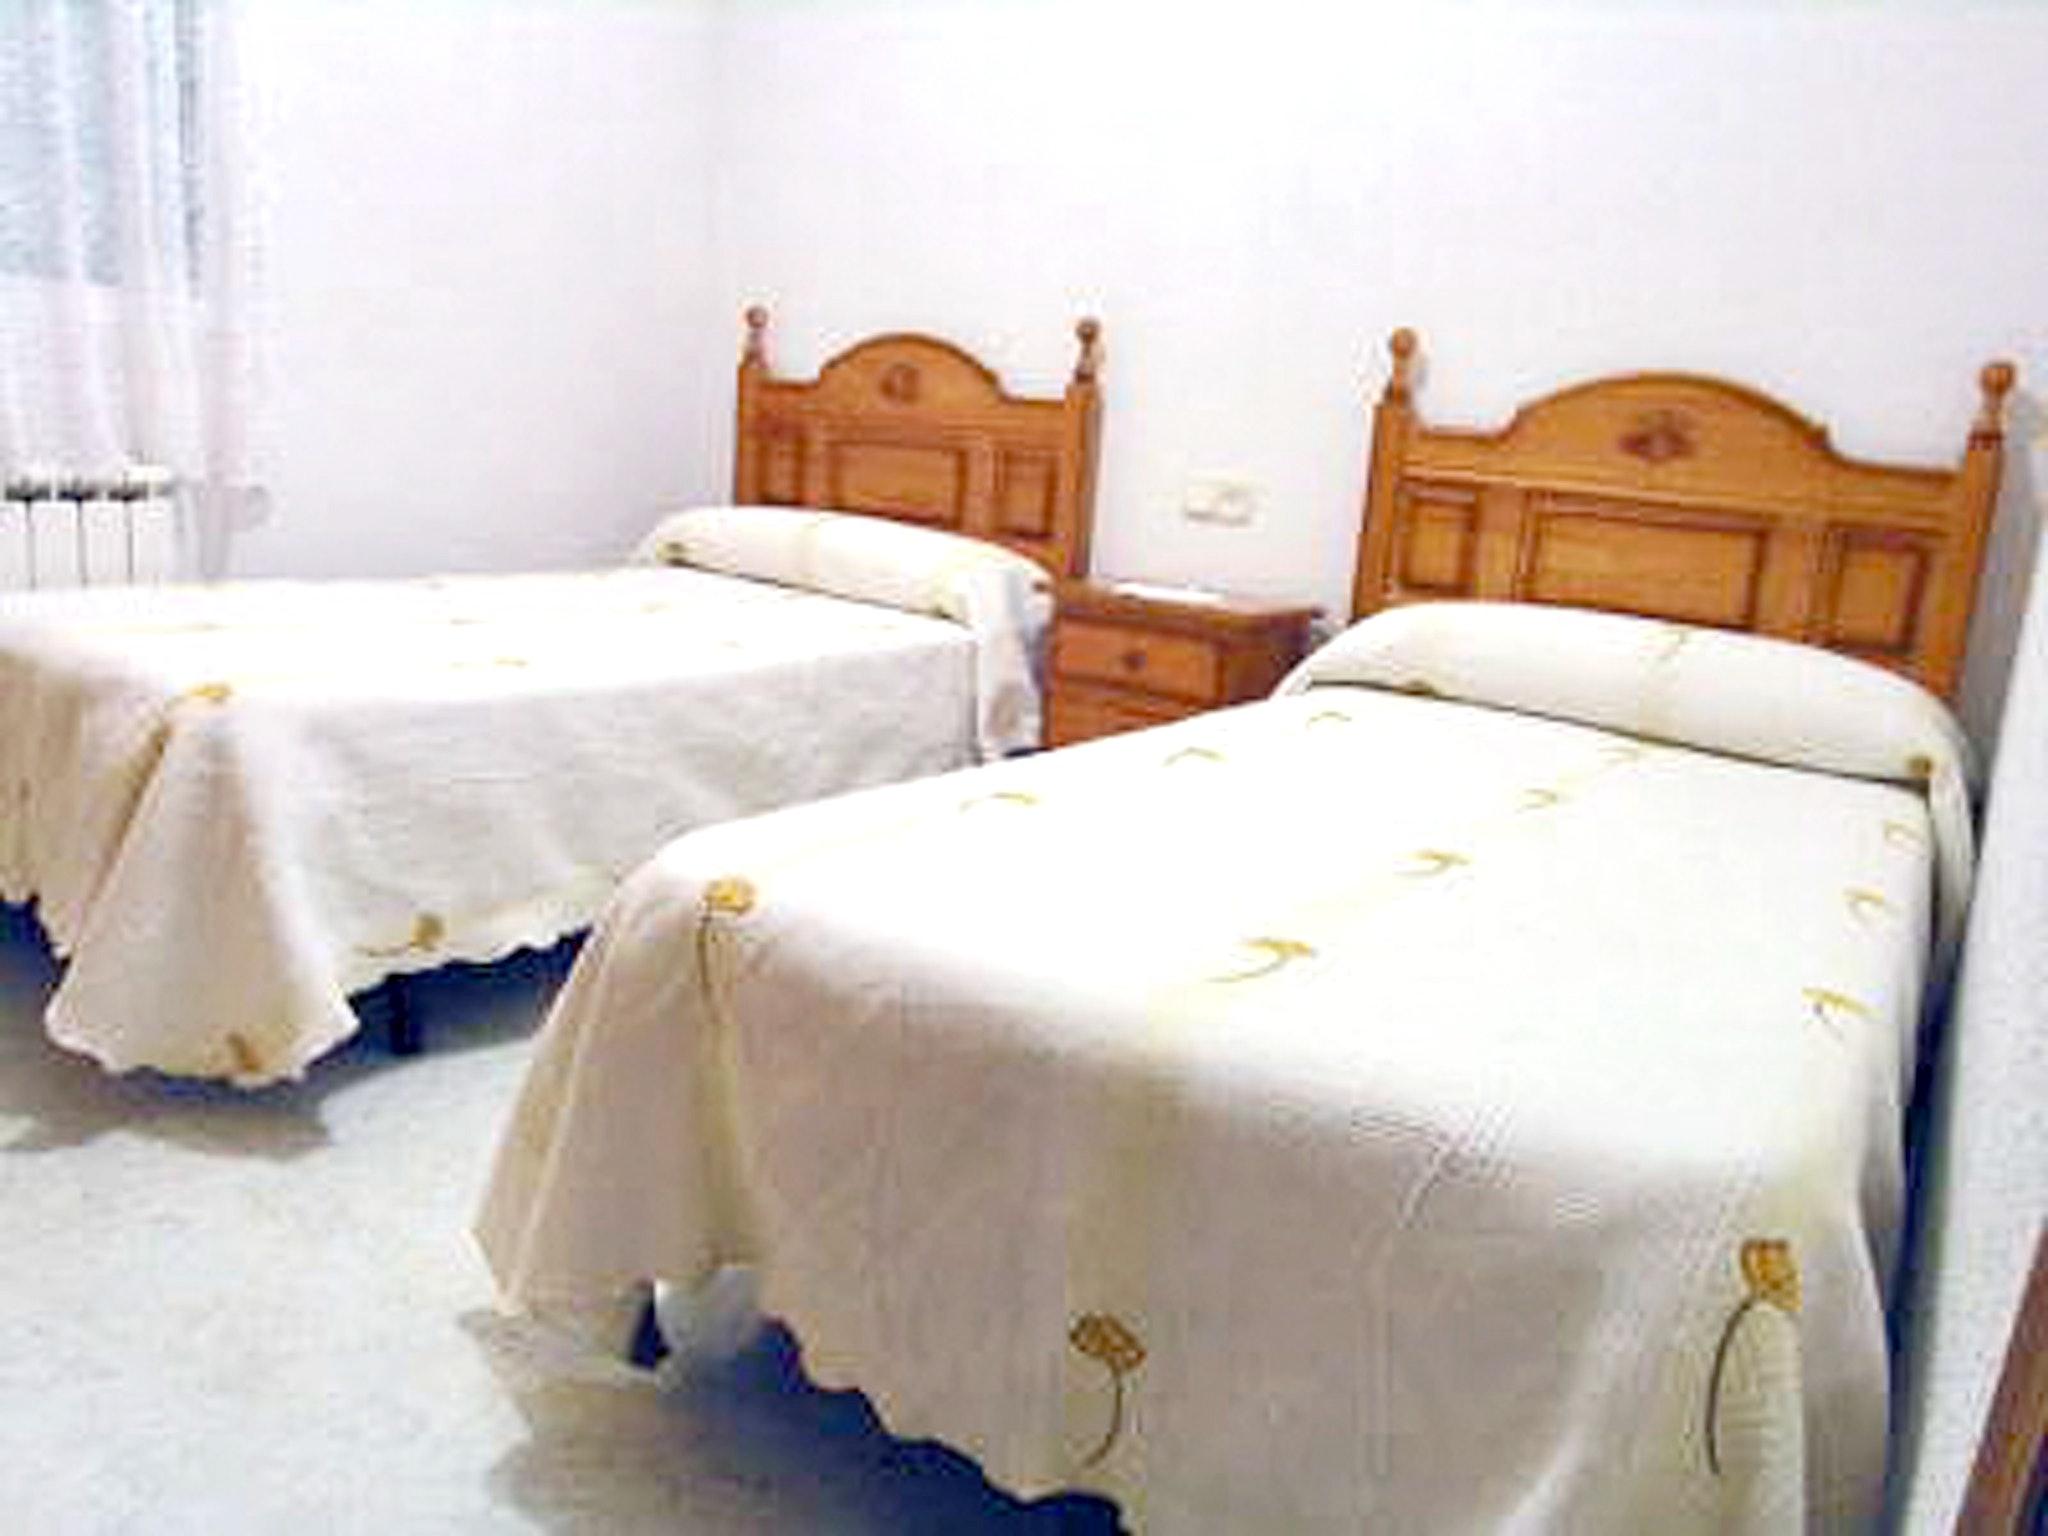 Ferienhaus El Molino Viejo - Haus mit drei Schlafzimmern, Balkon und Blick auf die beeindruckenden Be (2202391), Navacepeda de Tormes, Avila, Kastilien-León, Spanien, Bild 9